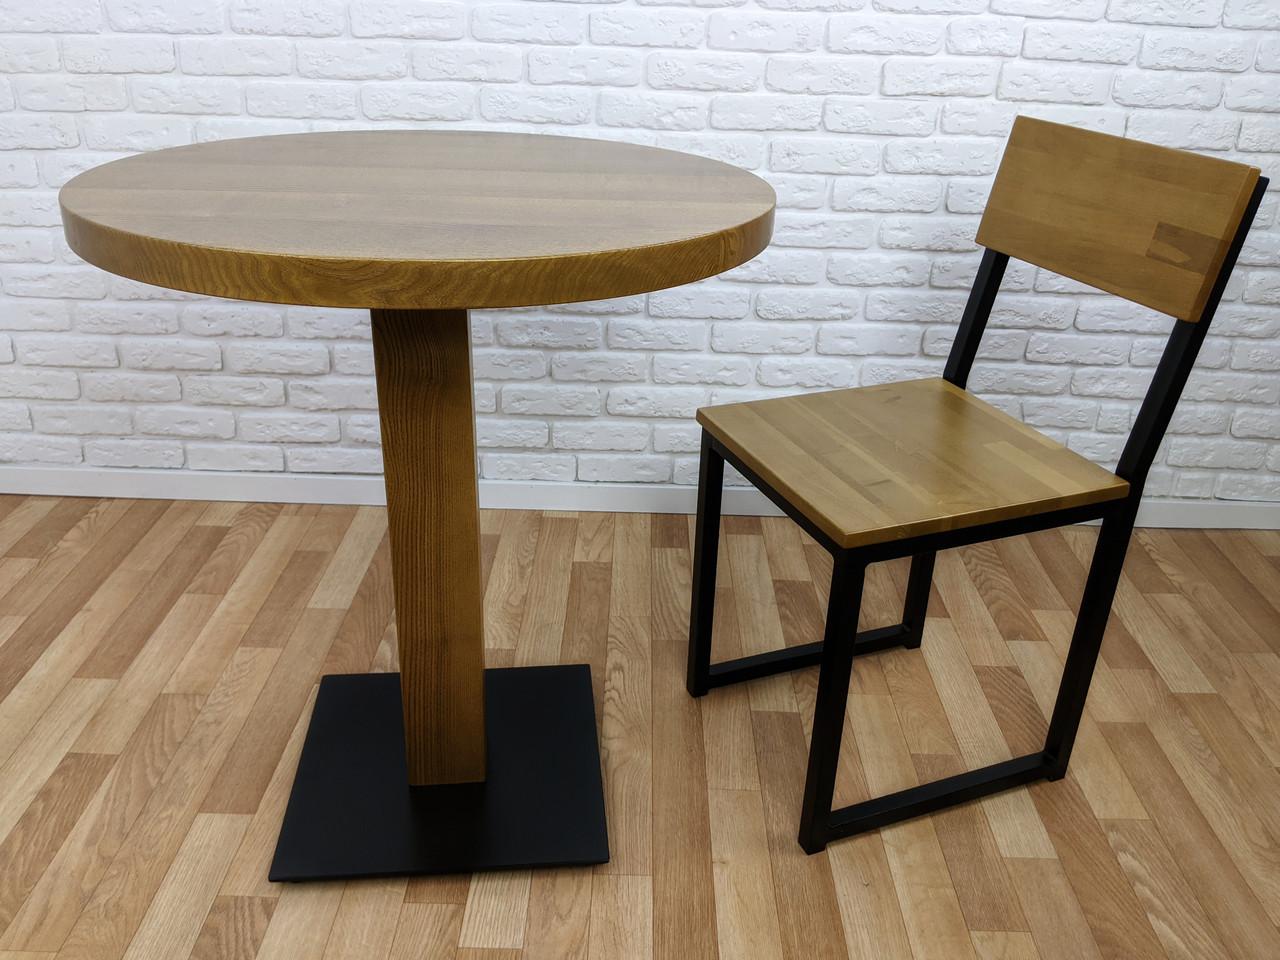 """Дерев'яний круглий стіл """"UNO-4"""" для кафе і стілець 1+1"""